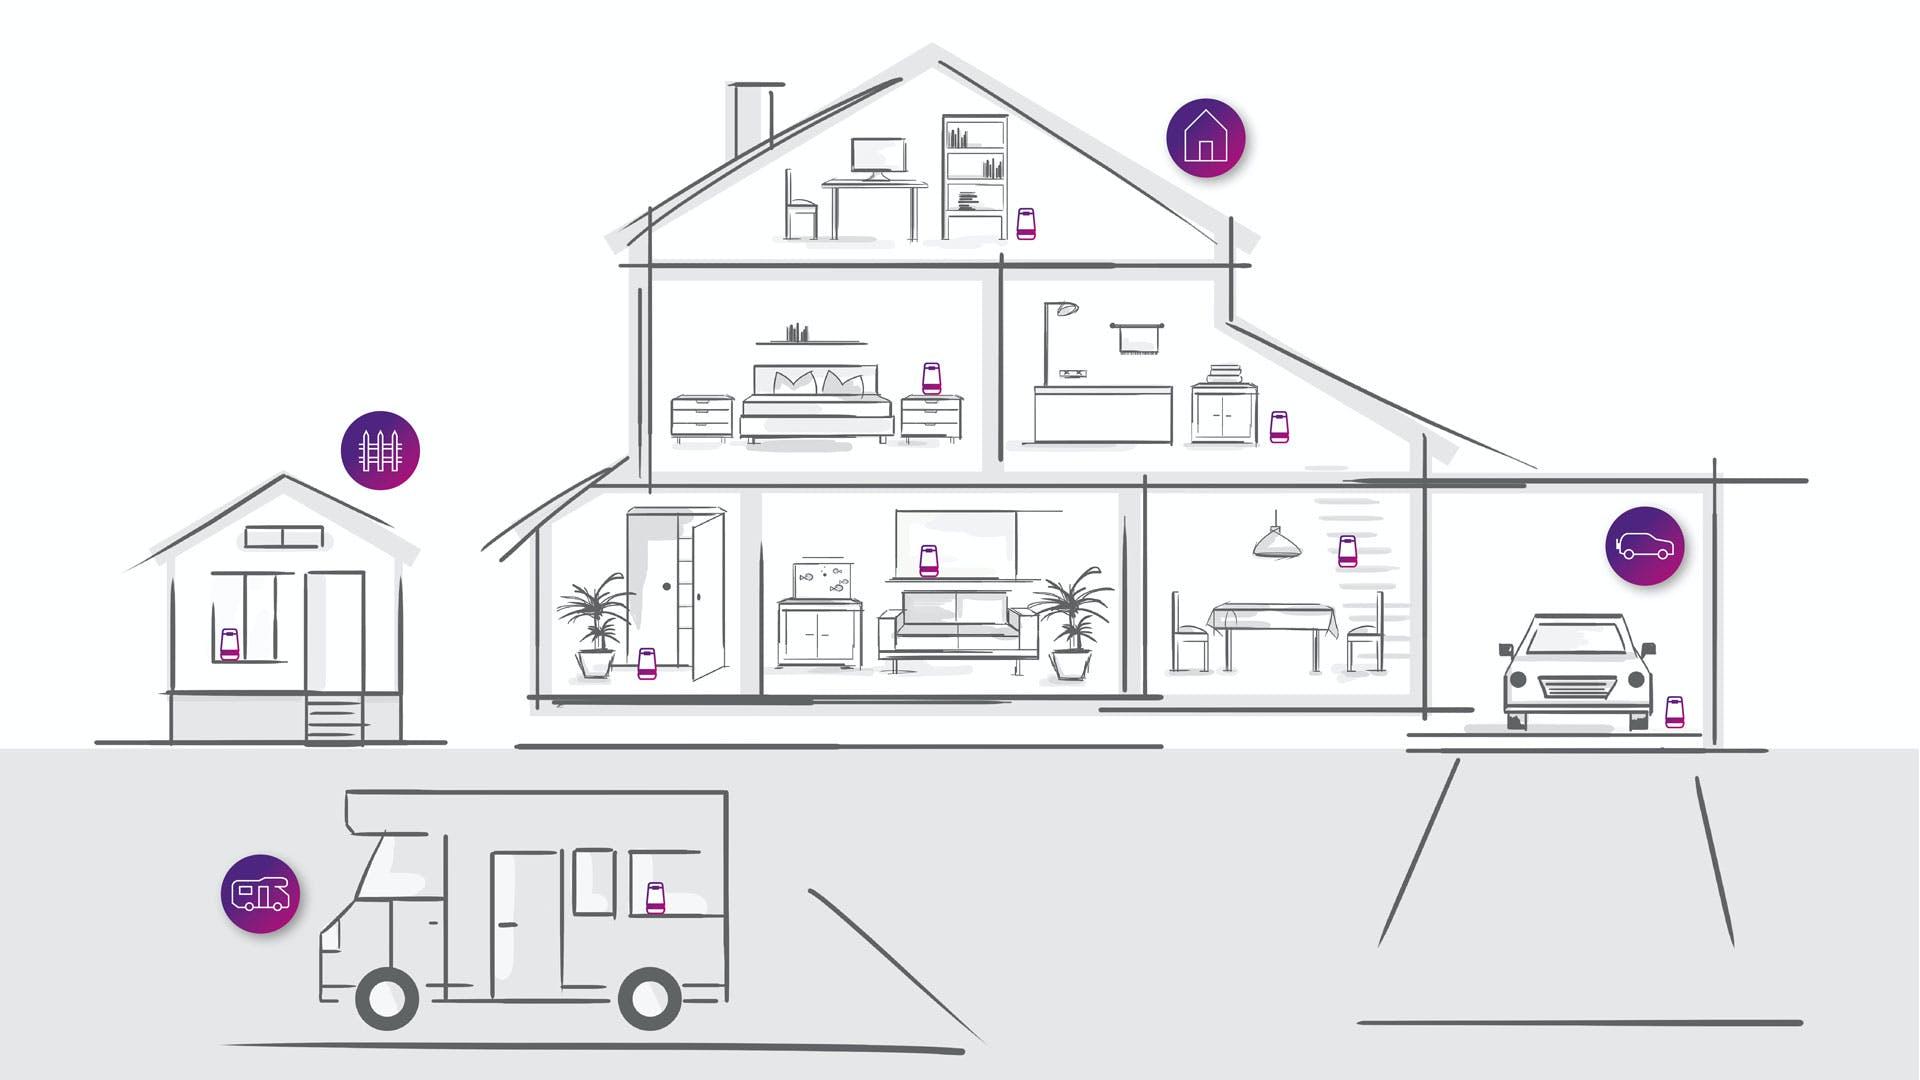 spexor Einsatzorte im und außerhalb des Hauses